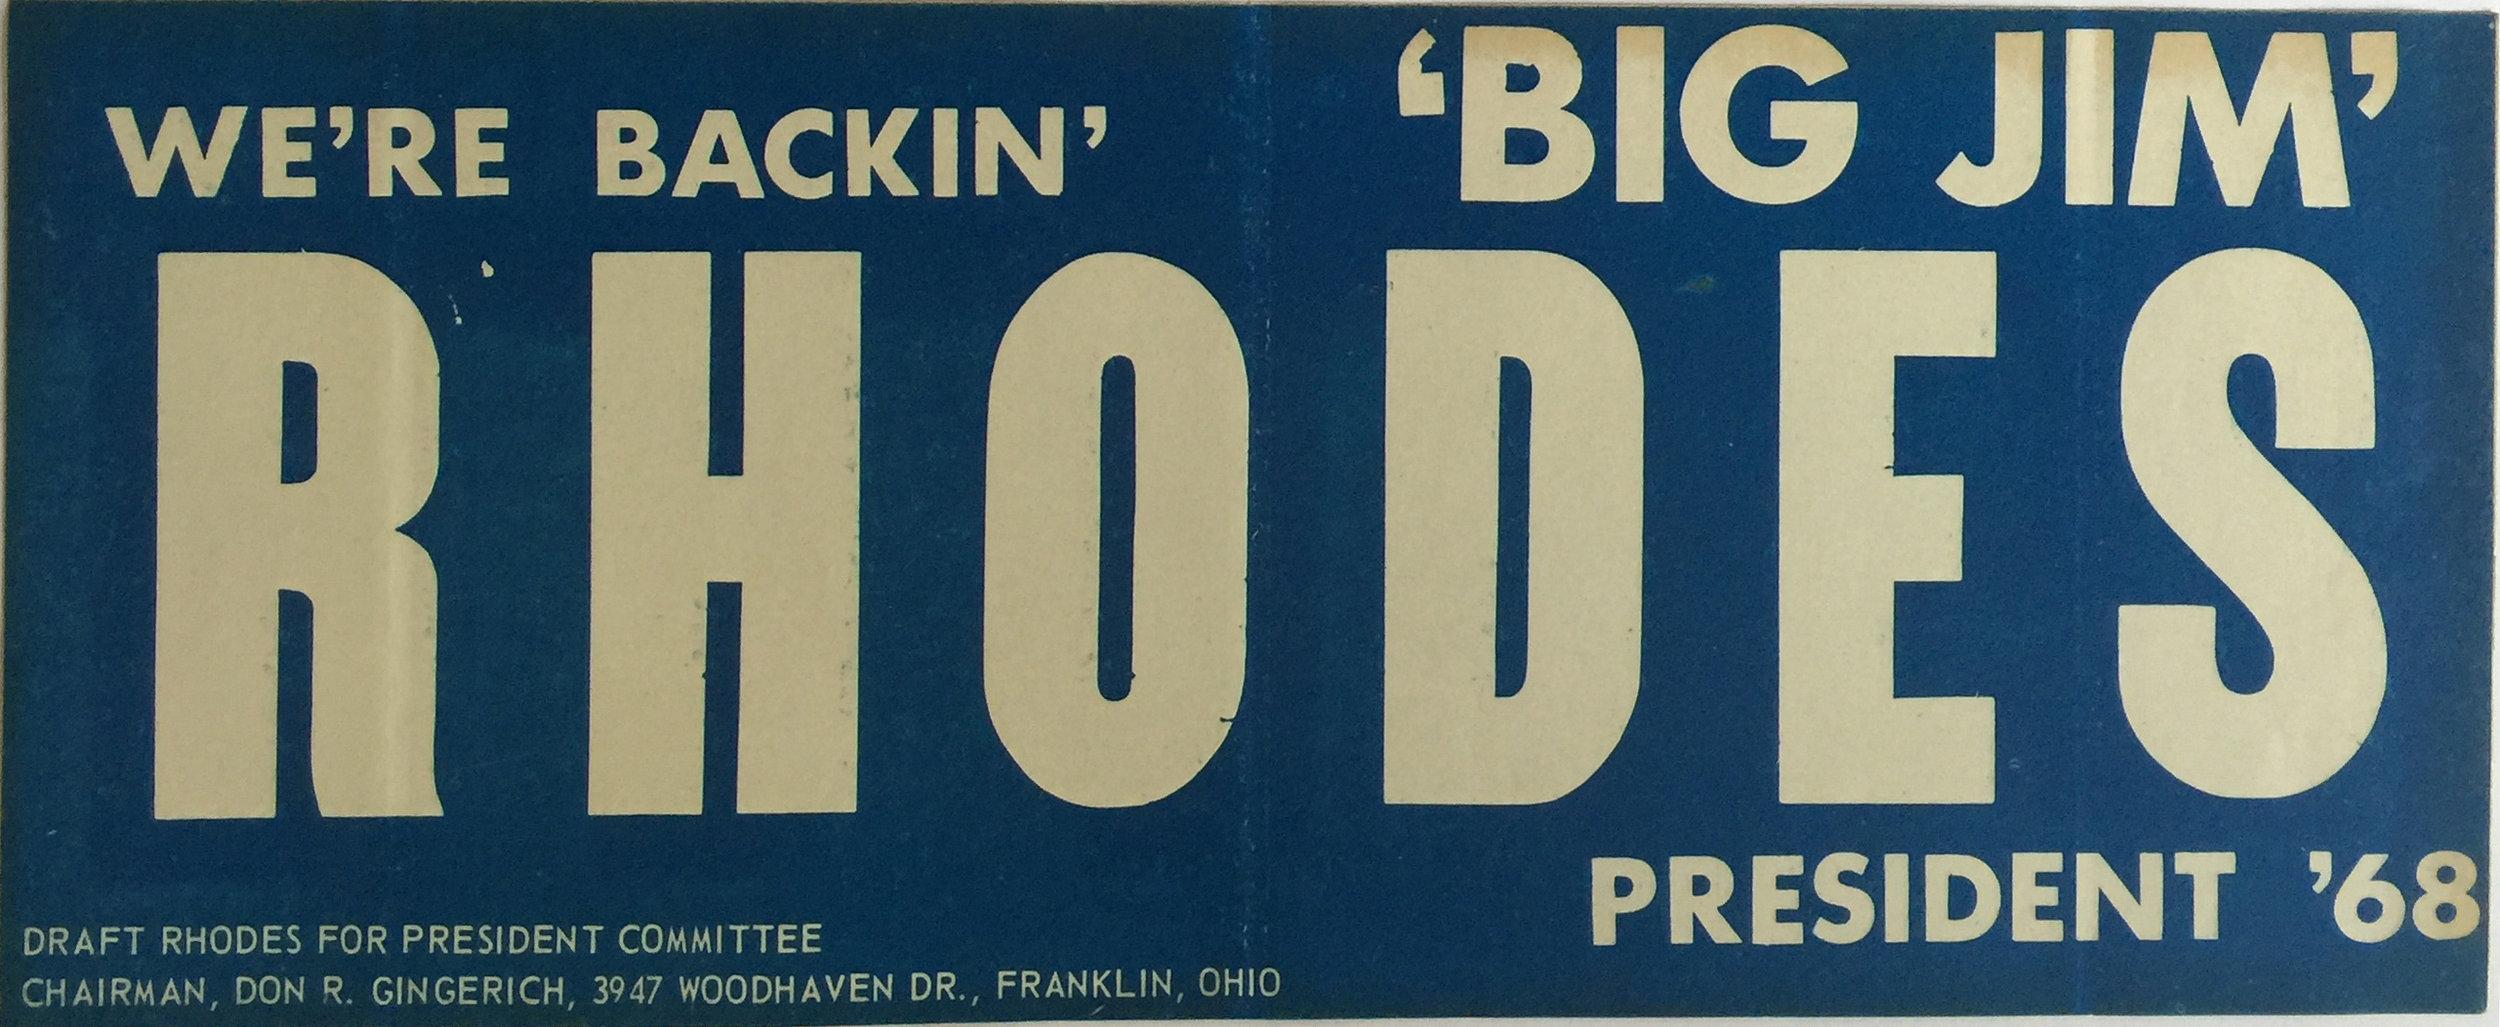 STICKER-pres1968 RHODES.jpg